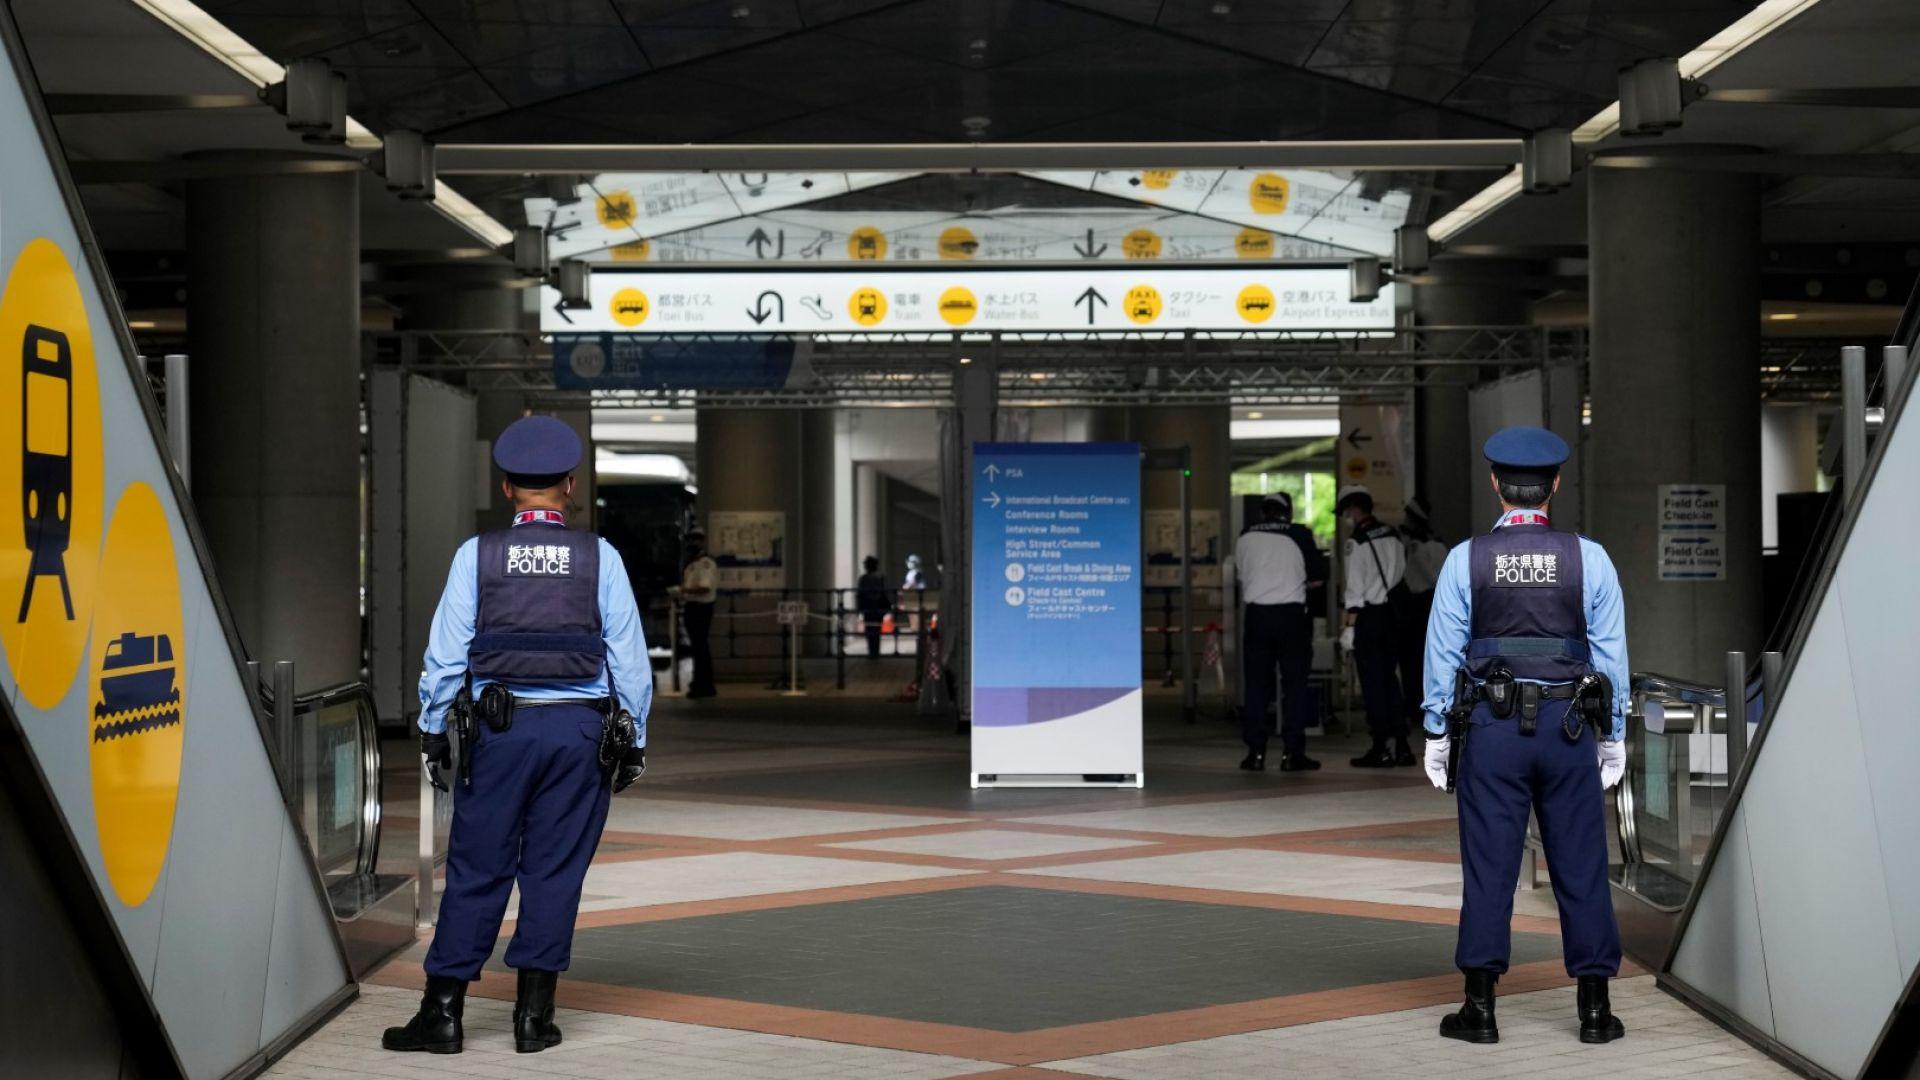 Хванаха четирима чужди служители около Токио 2020 с кокаин